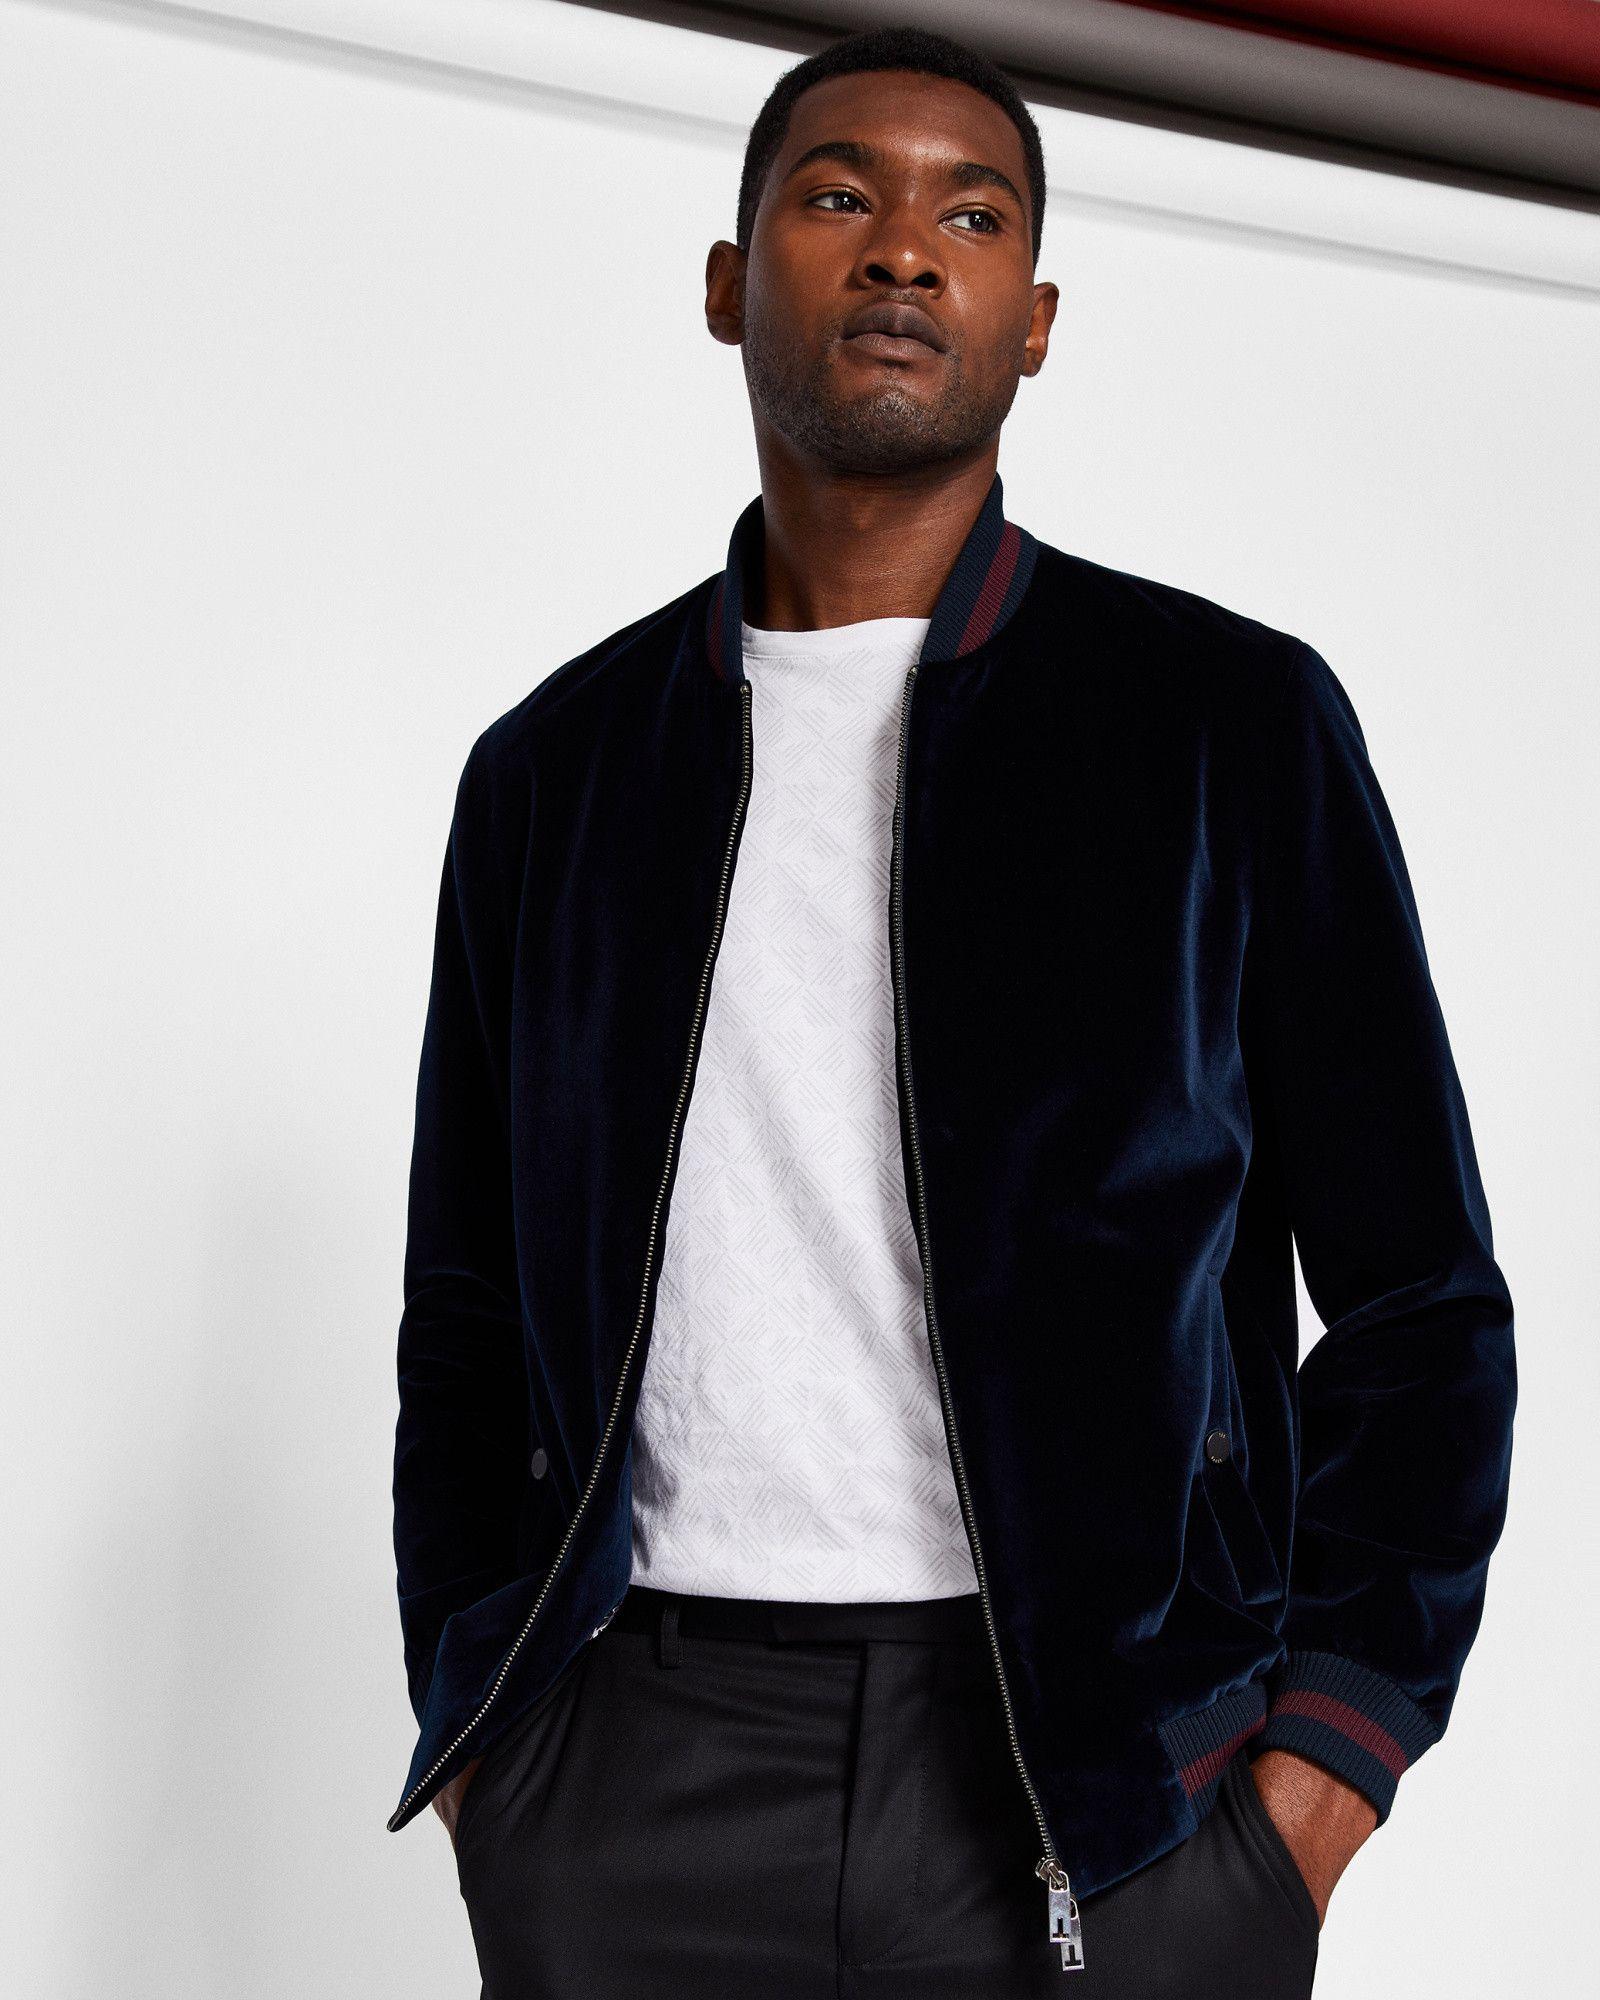 Ted Baker Velvet Bomber Jacket Designer Clothes For Men Velvet Bomber Jacket Bomber Jacket [ 2000 x 1600 Pixel ]